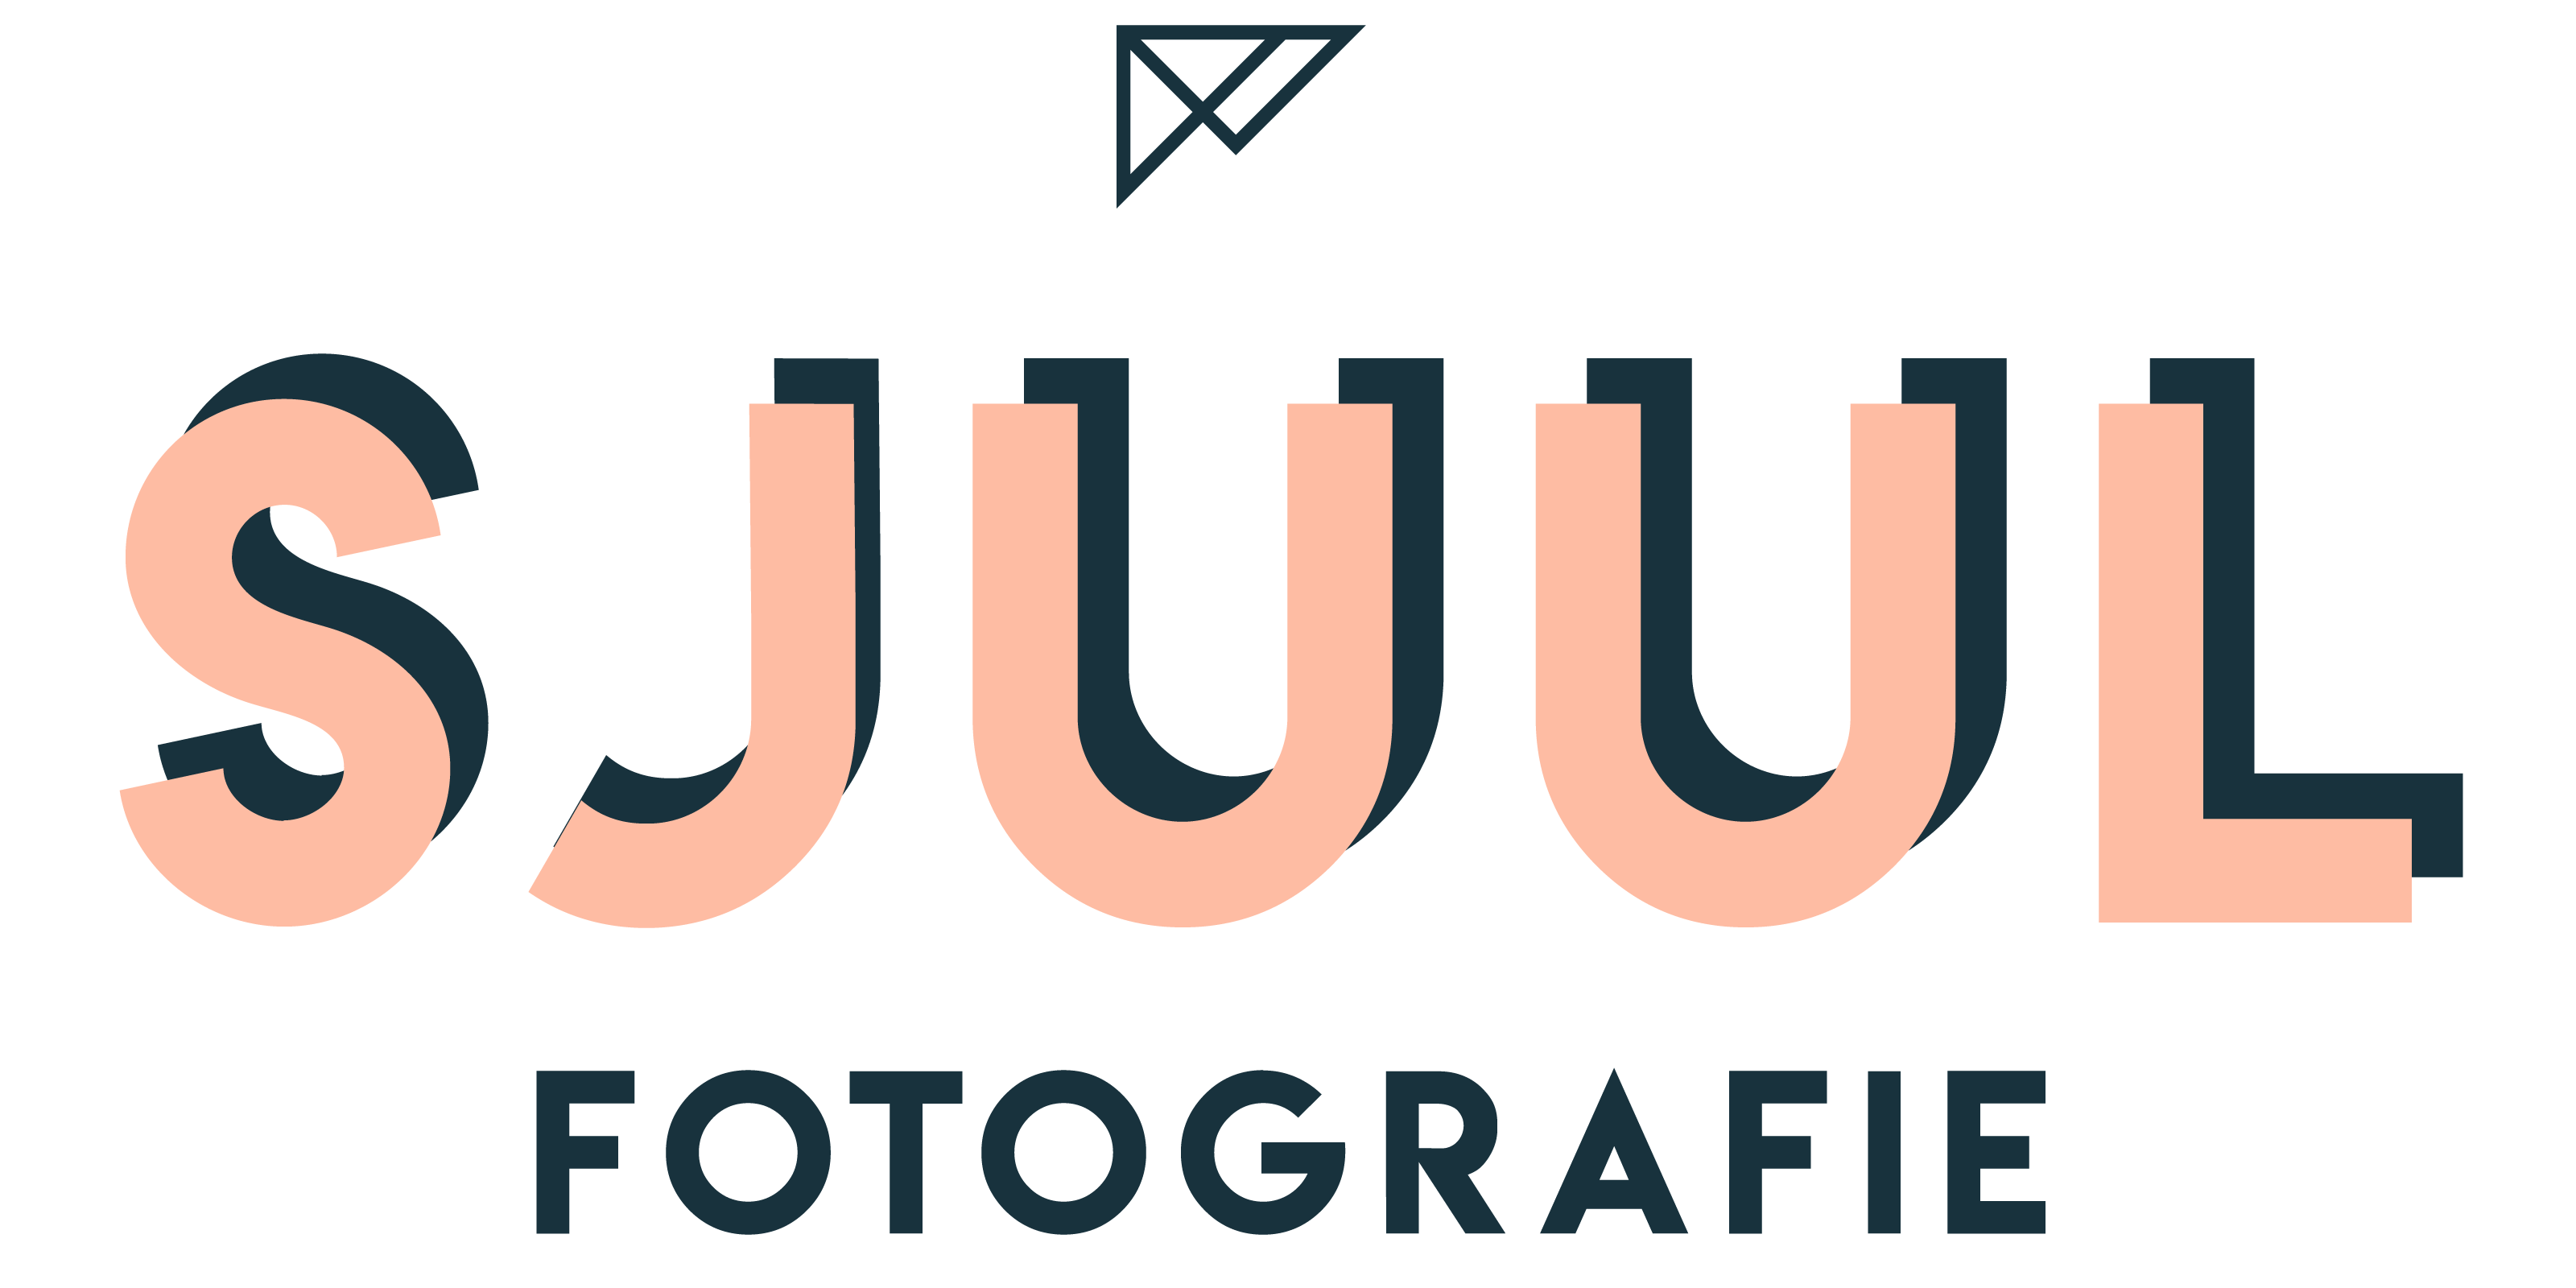 Sjuul Fotografie